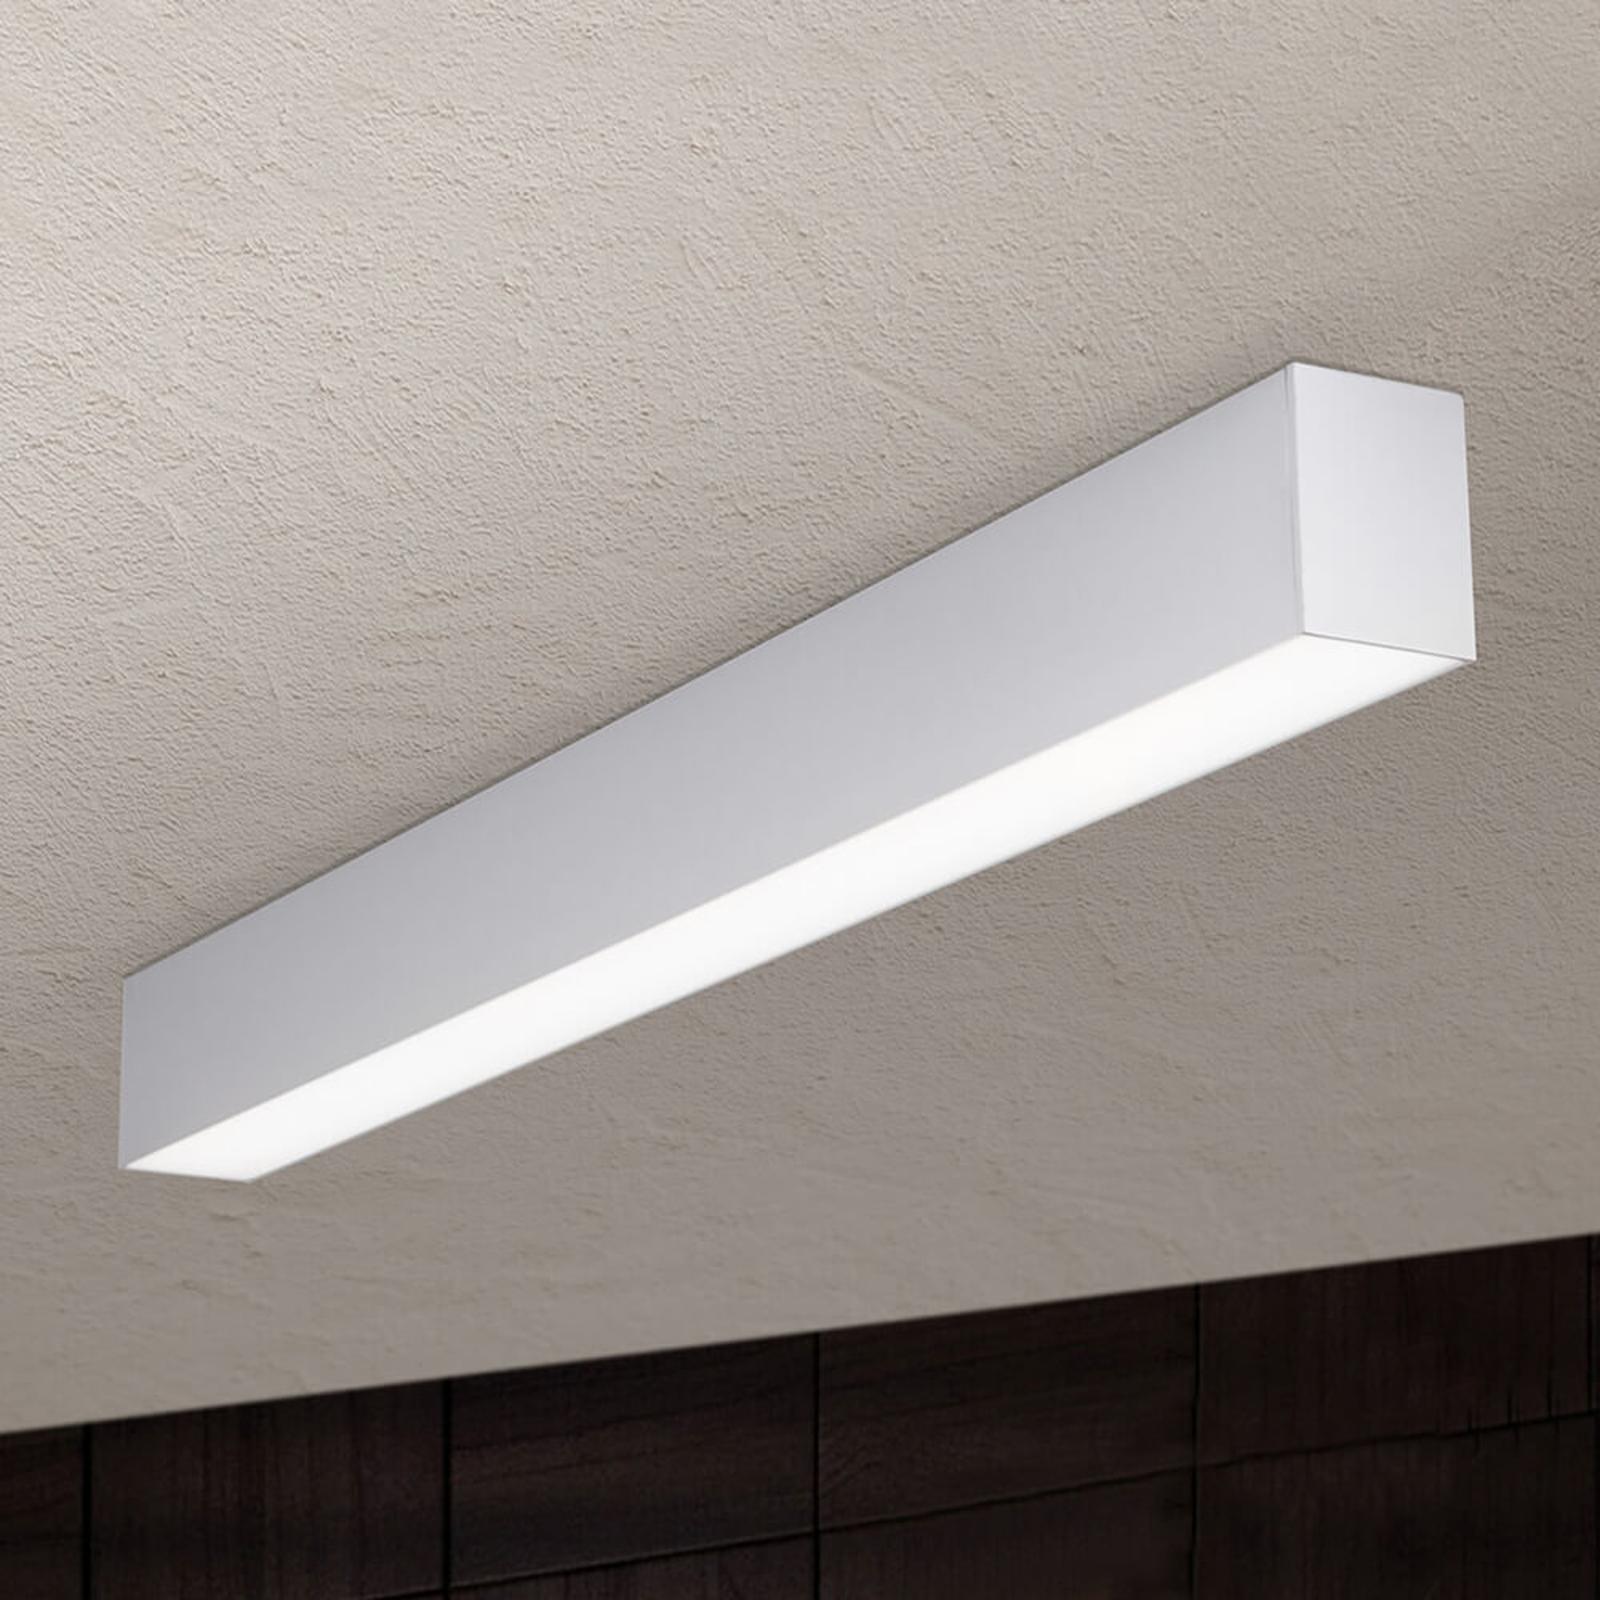 Lampa sufitowa LED Sando, 86cm